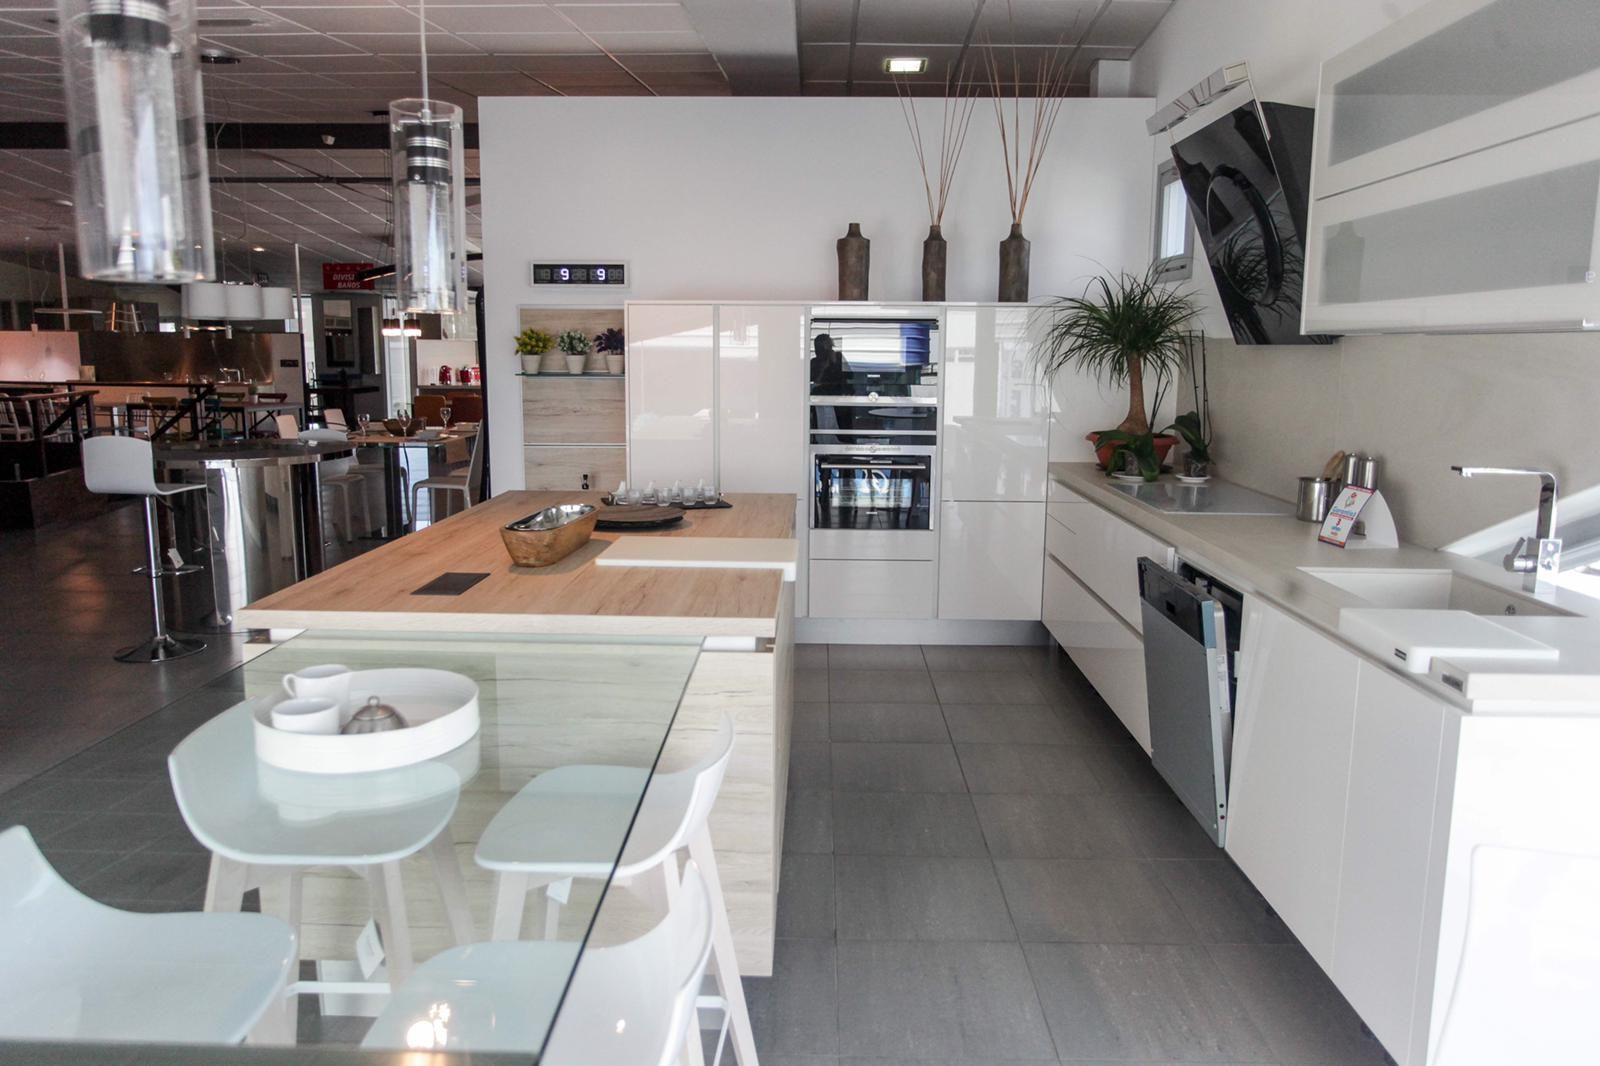 Muebles y accesorios para cocina a medida en Ibiza